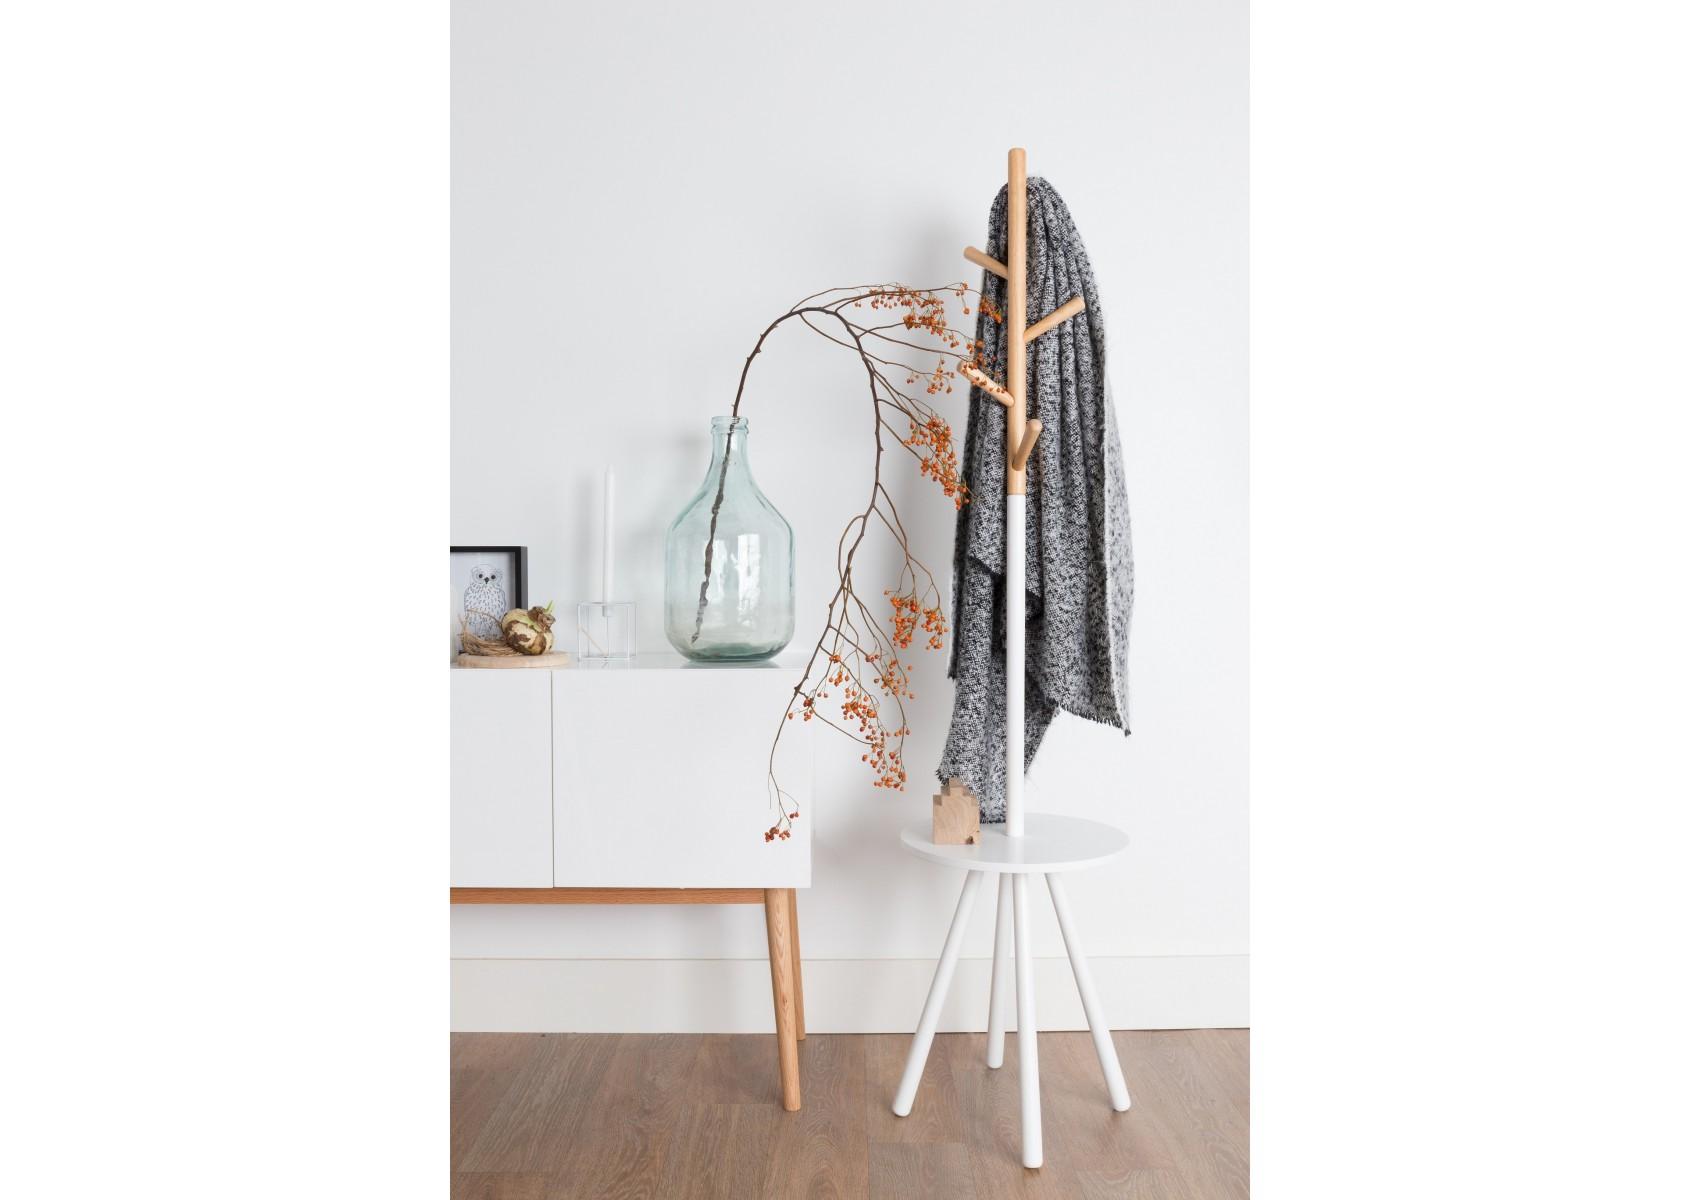 Porte manteaux multifonctionnel TABLE TREE design scandinave Boite à design